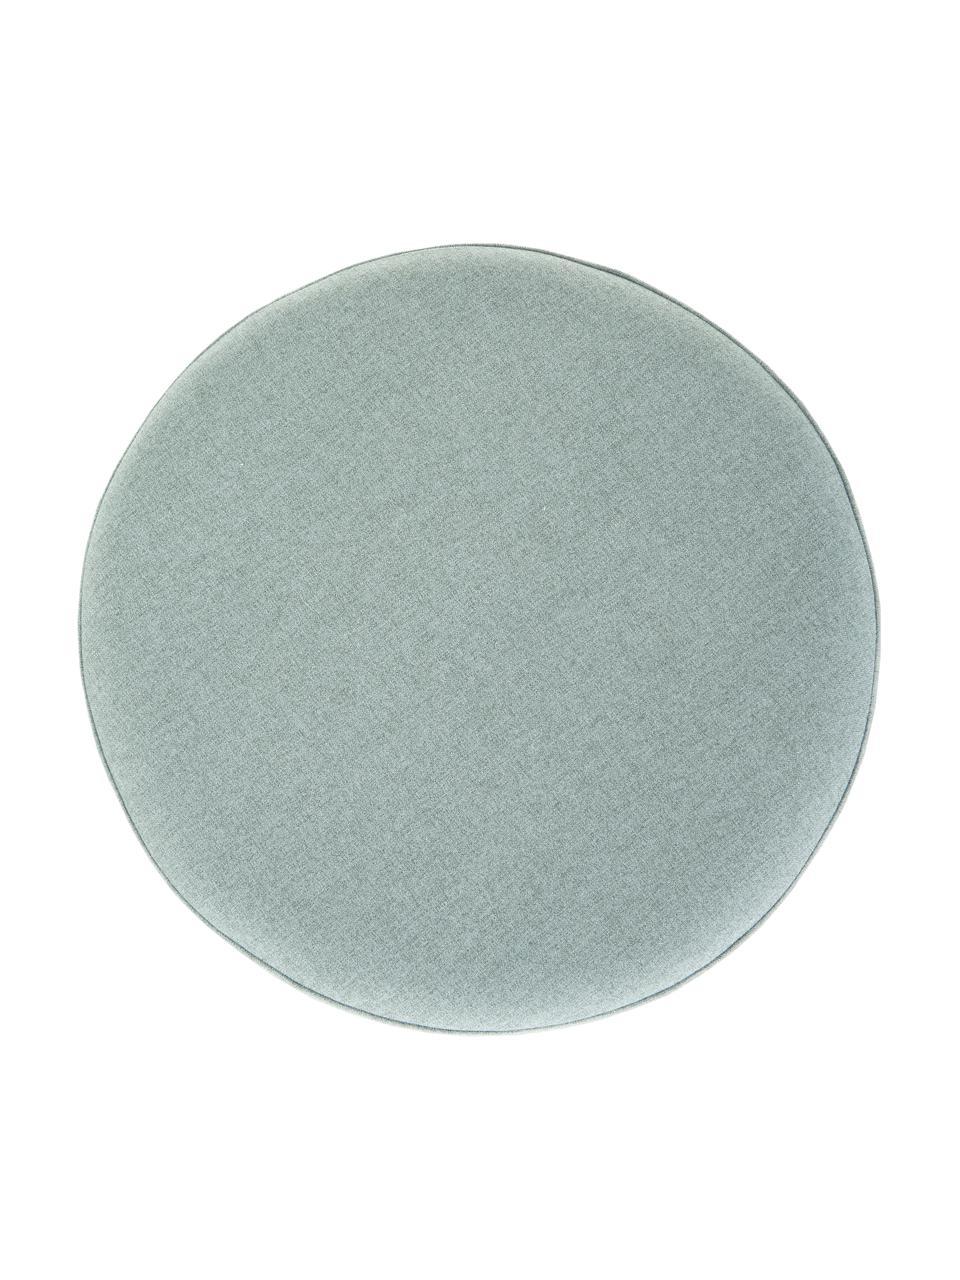 Pouf blu verde Daisy, Rivestimento: 100% poliestere Il rivest, Struttura: compensato, Blu, Ø 38 x Alt. 45 cm